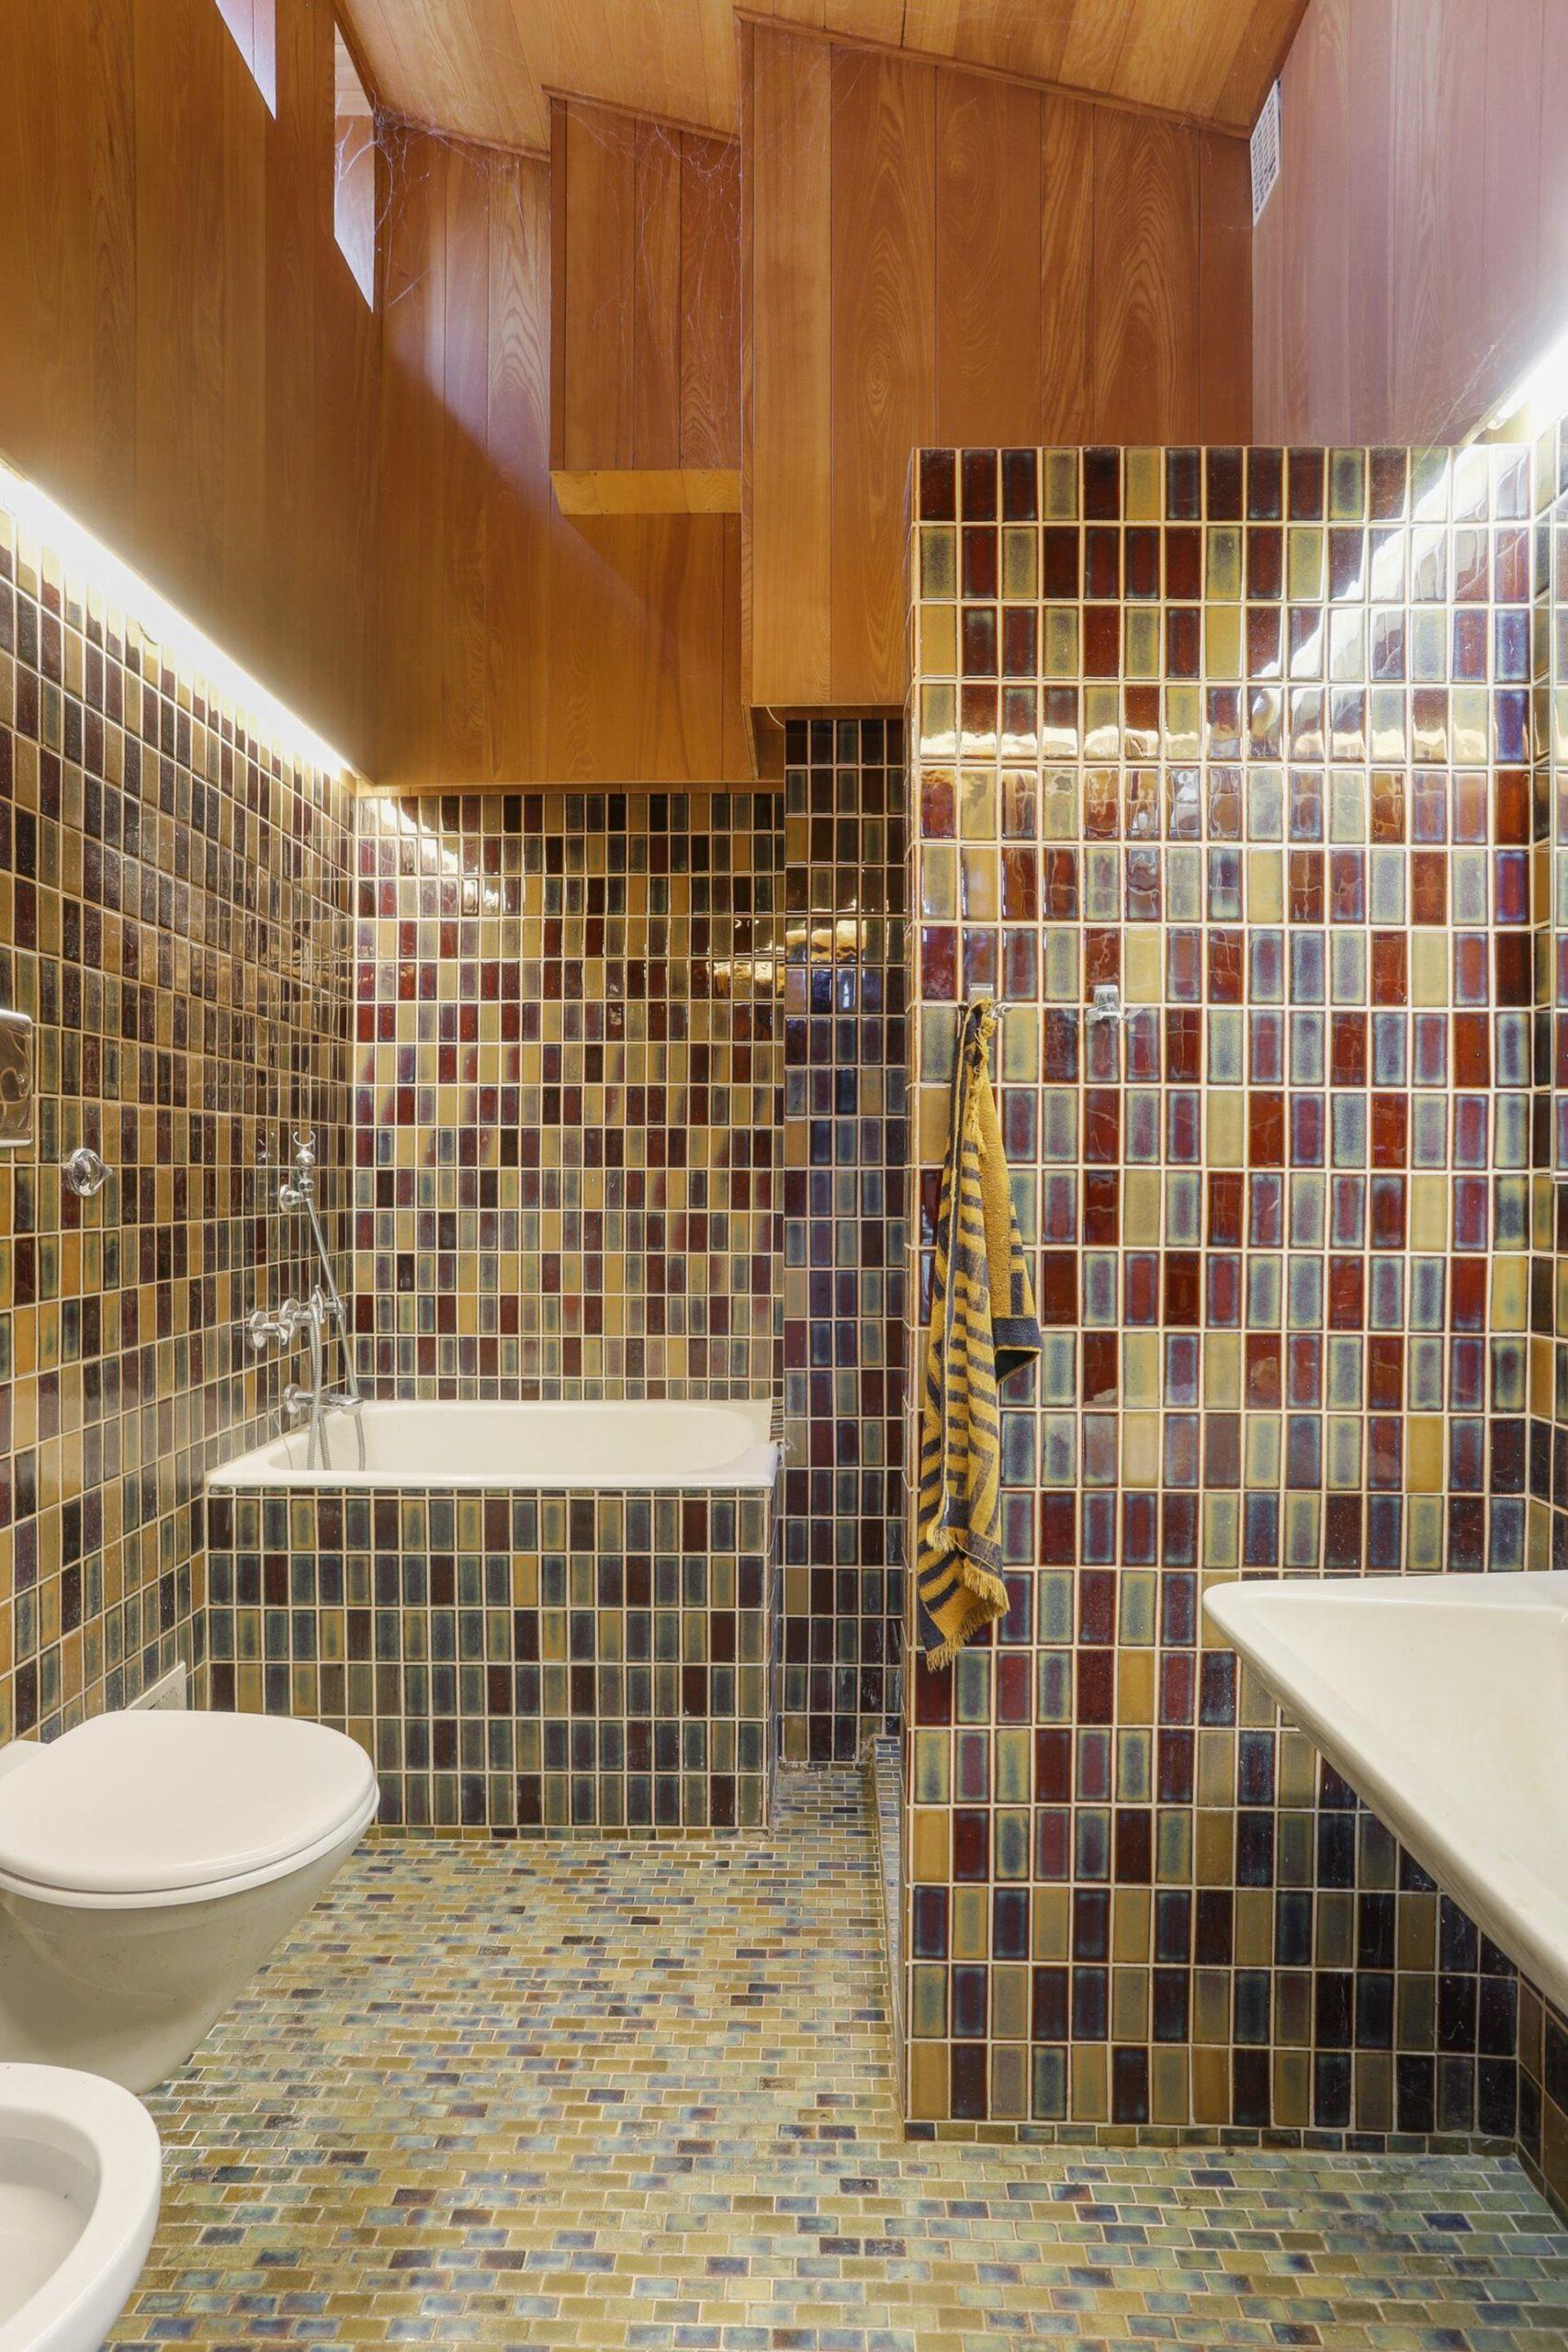 vild badeværelse i 60'er villa, badeværelse med mange farver